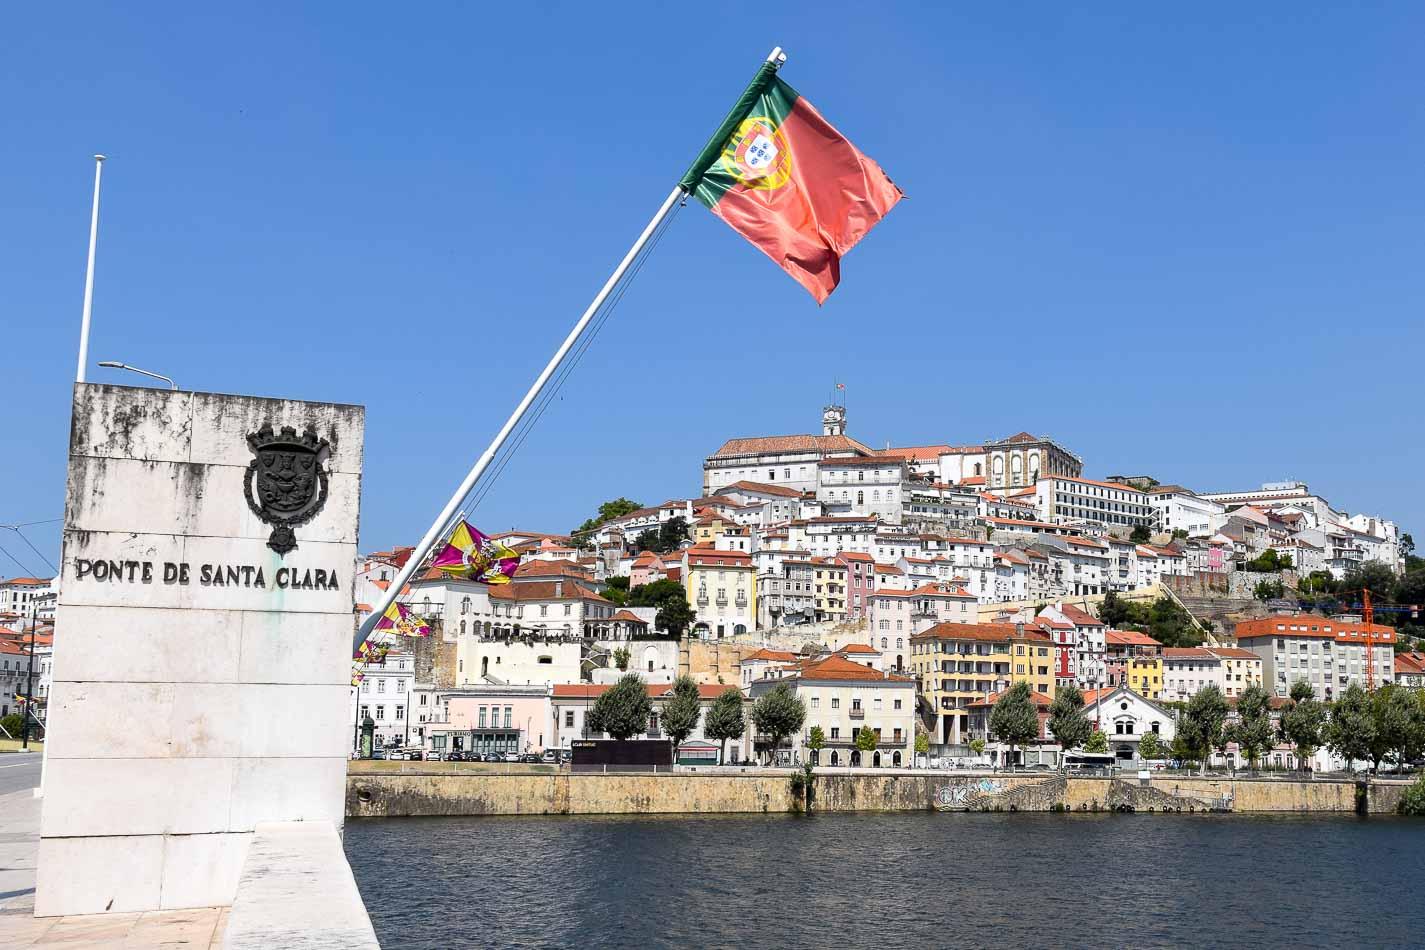 Cinq expériences incontournables à vivre au Portugal